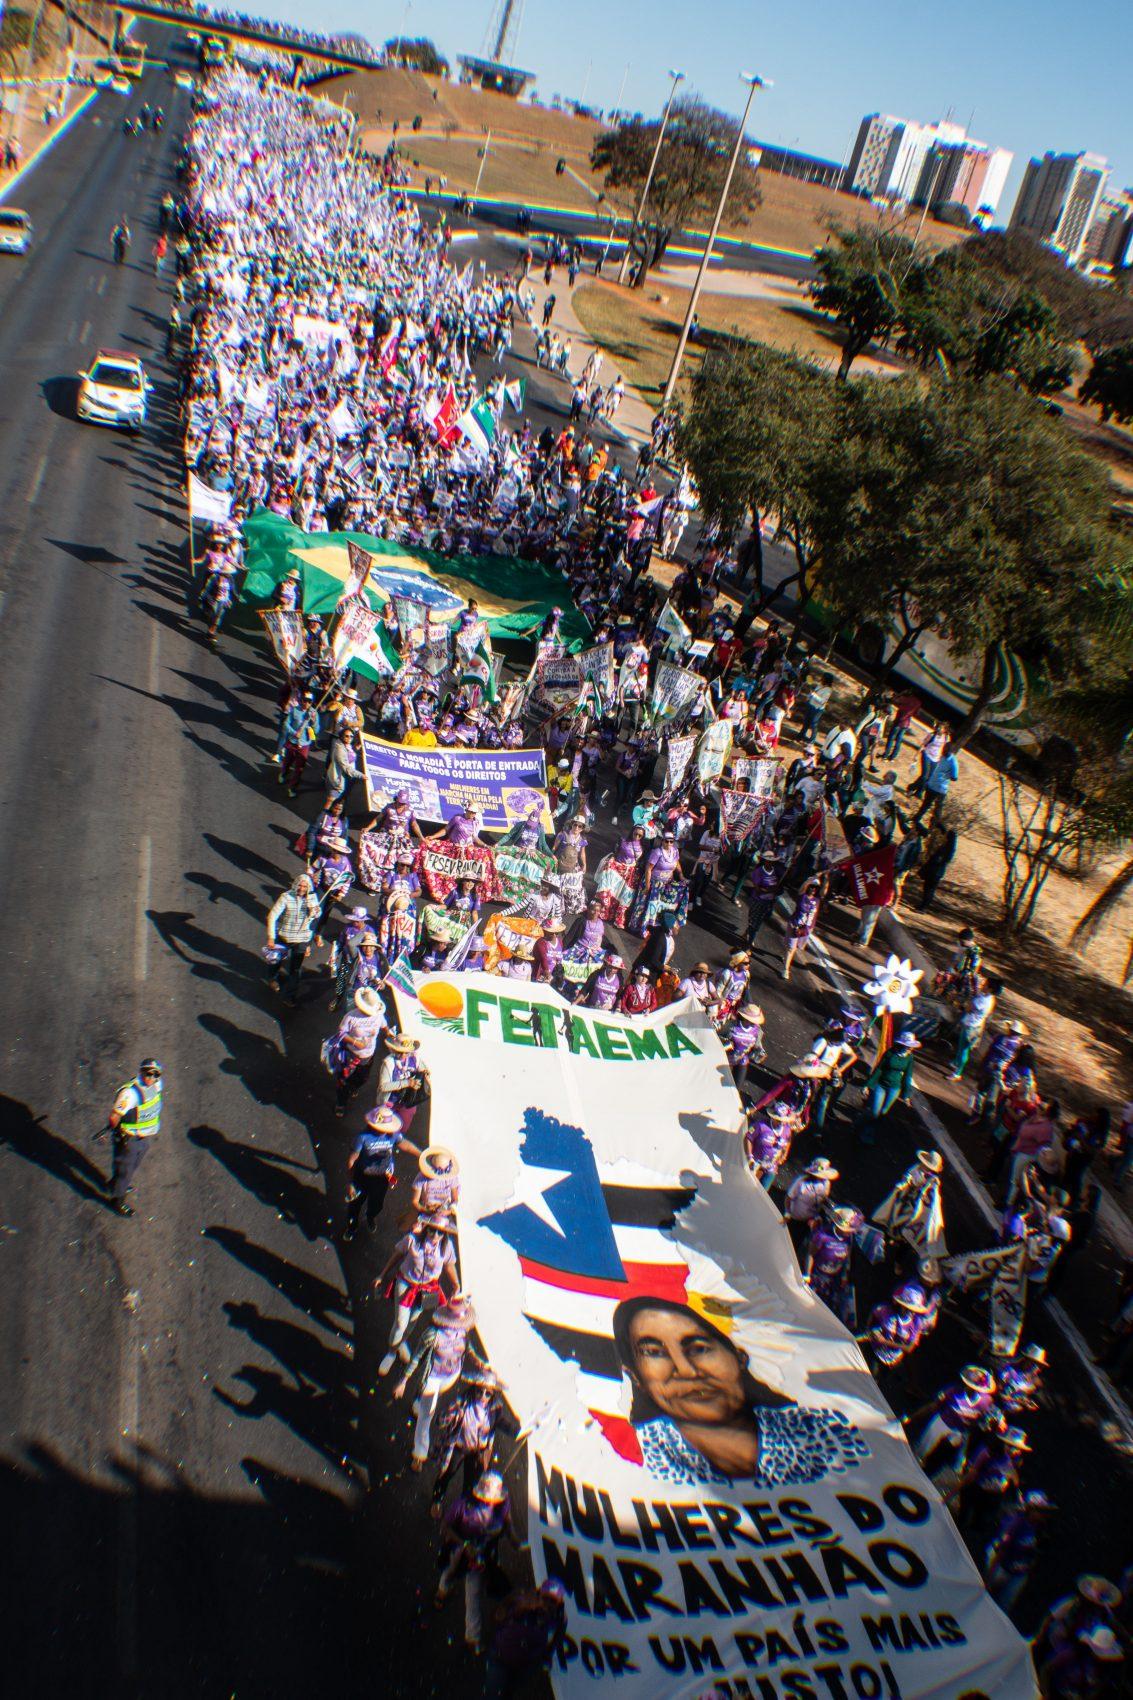 Marcha das Margaridas 2019 em Brasília